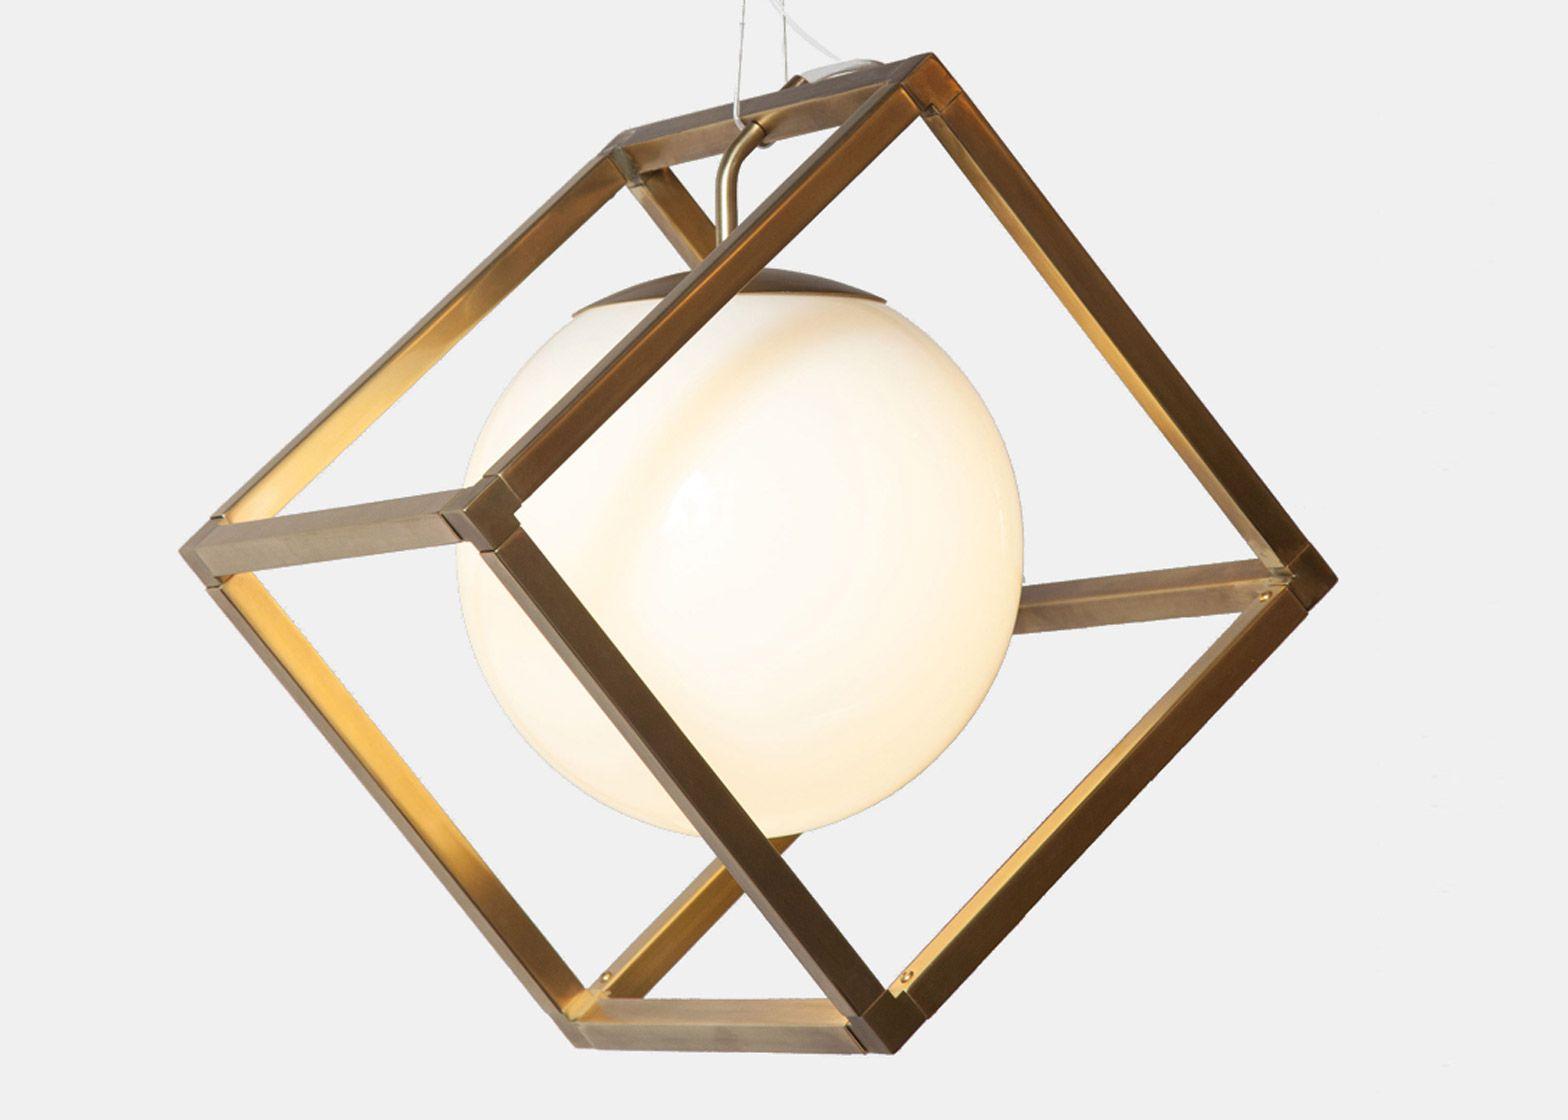 Лаконичный дизайн светильников шарообразной формы